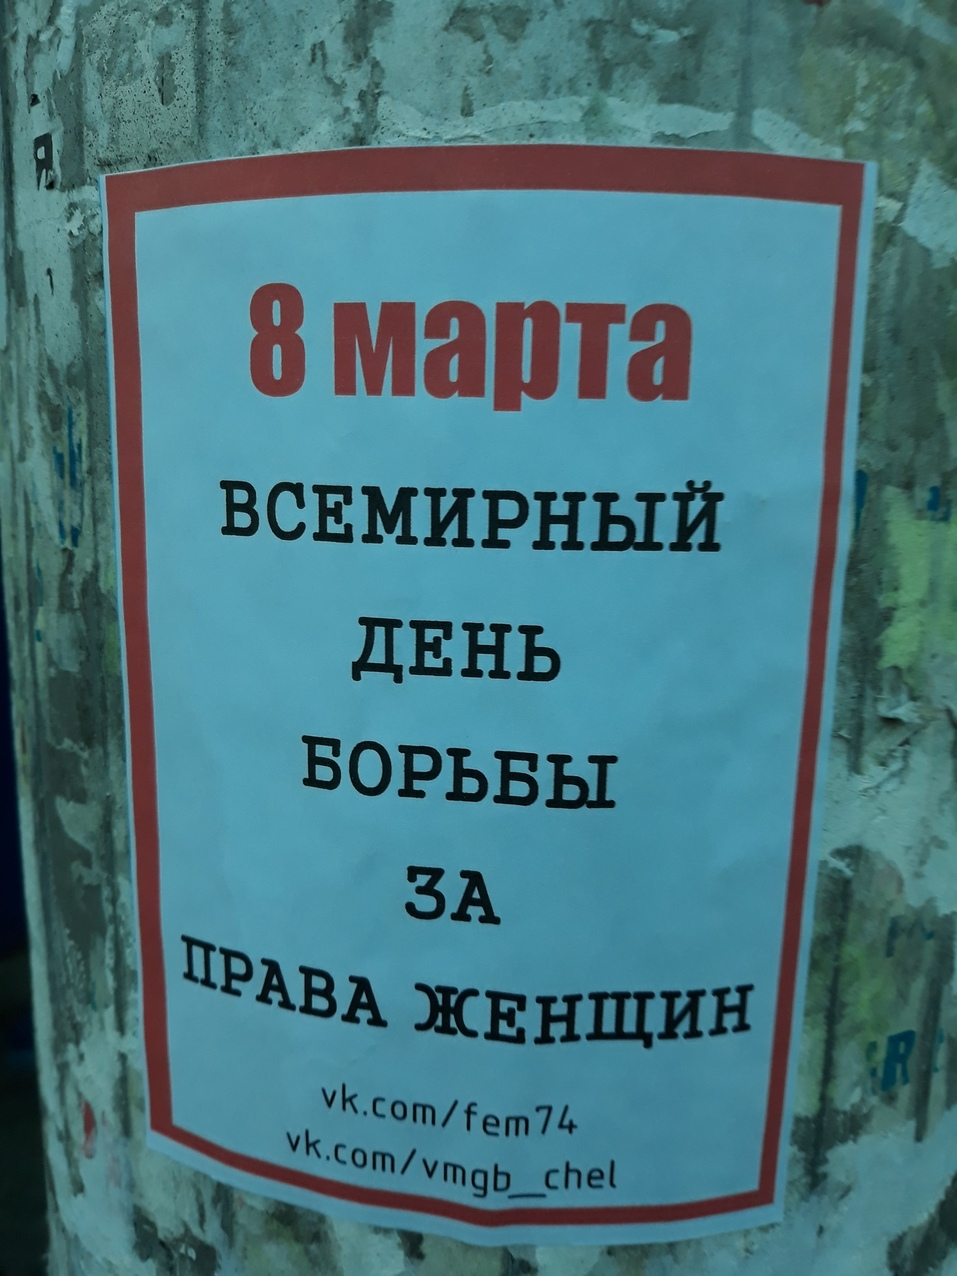 Челябинские феминистки проведут митинг за освобождение женщин 8 марта 3